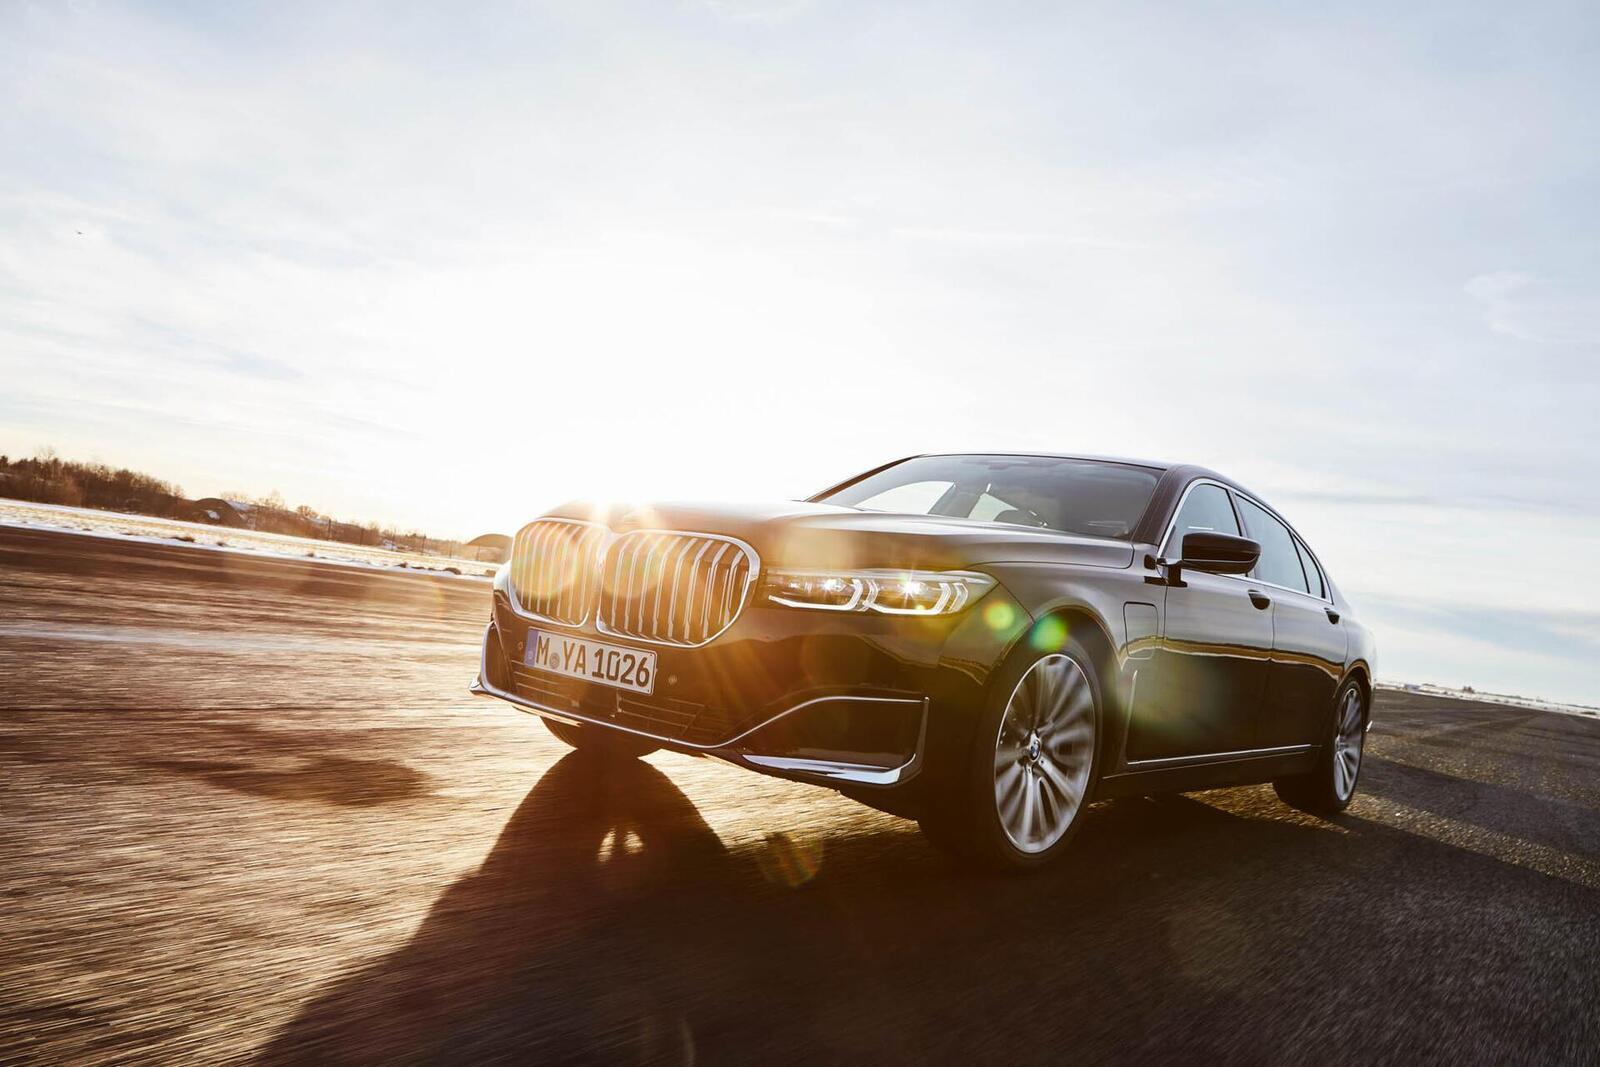 BMW giới thiệu 7 Series PHEV 2020 mới; lắp động cơ 3.0L mới thay chế cho 2.0L cũ - Hình 3